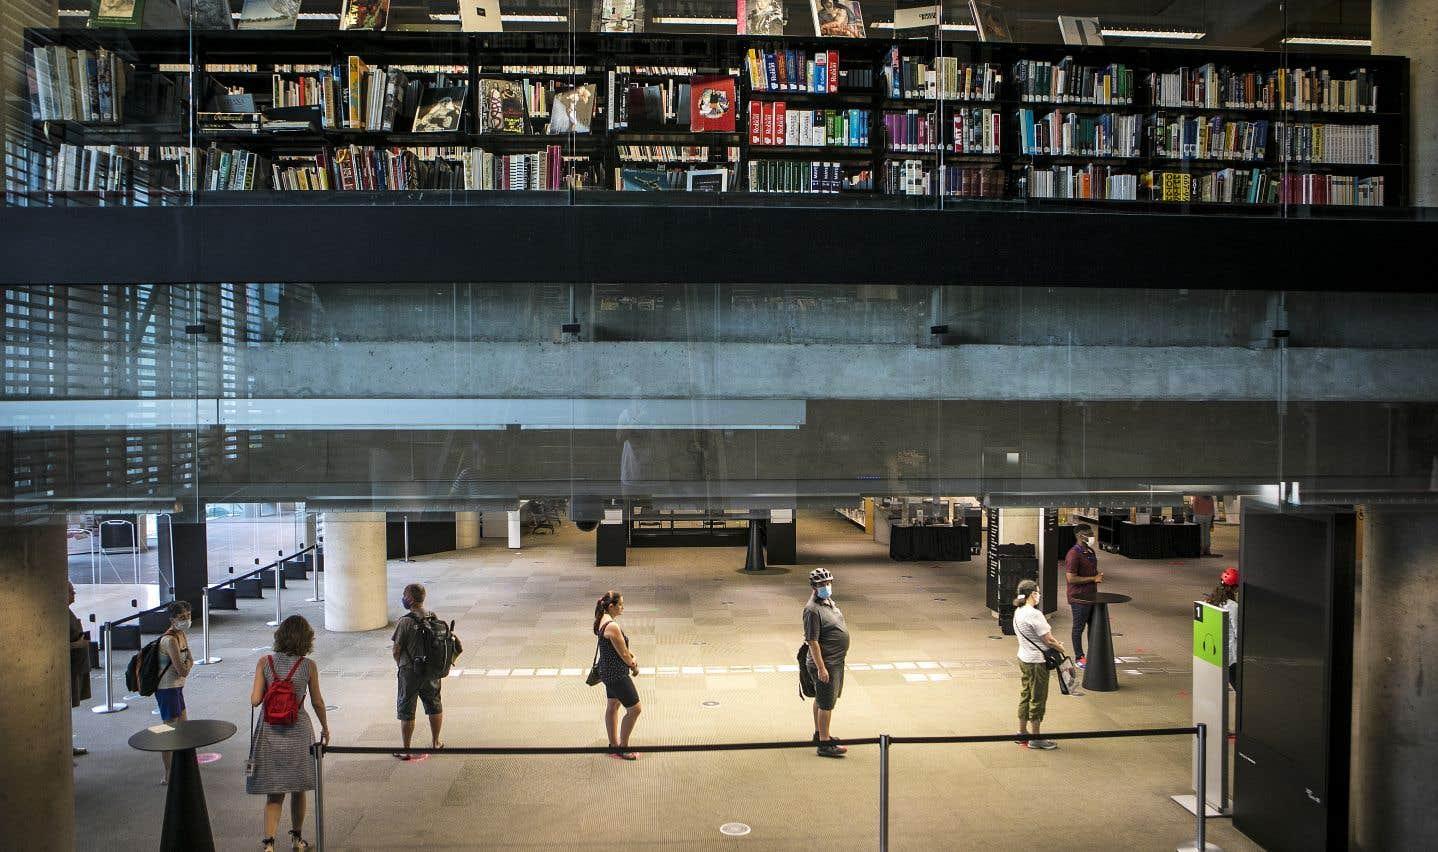 À la Grande Bibliothèque, les usagers doivent aller chercher les réservations, faites en ligne ou par téléphone, en se présentant au comptoir du prêt, après avoir reçu un avis selon lequel leur commande est prête.